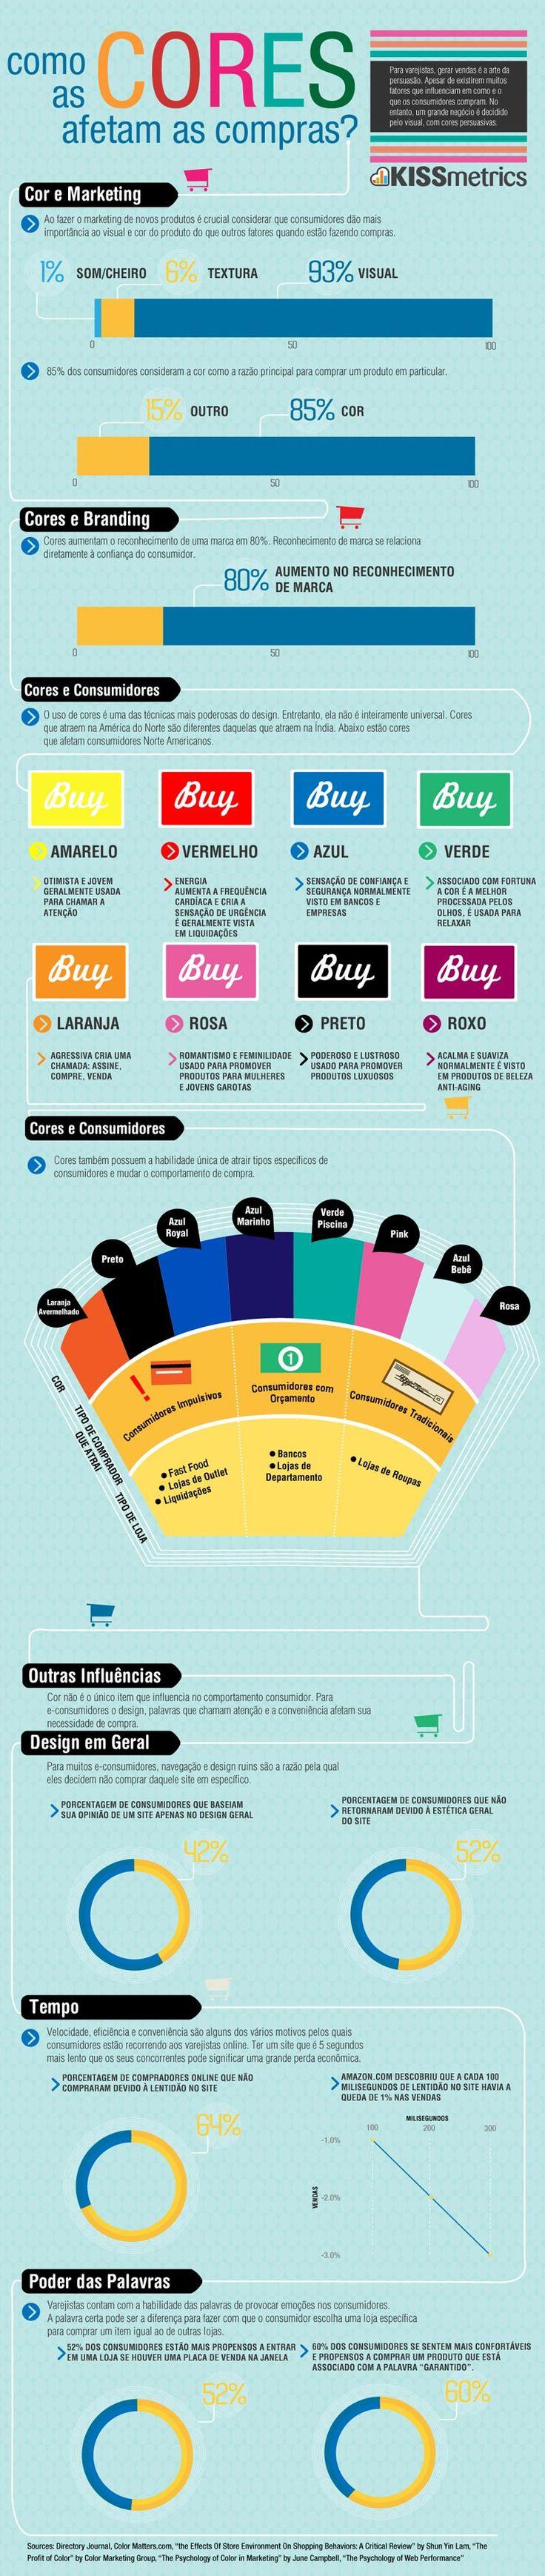 Infográfico - Como as cores afetam as compras? | Criatives | Blog Design, Inspirações, Tutoriais, Web Design